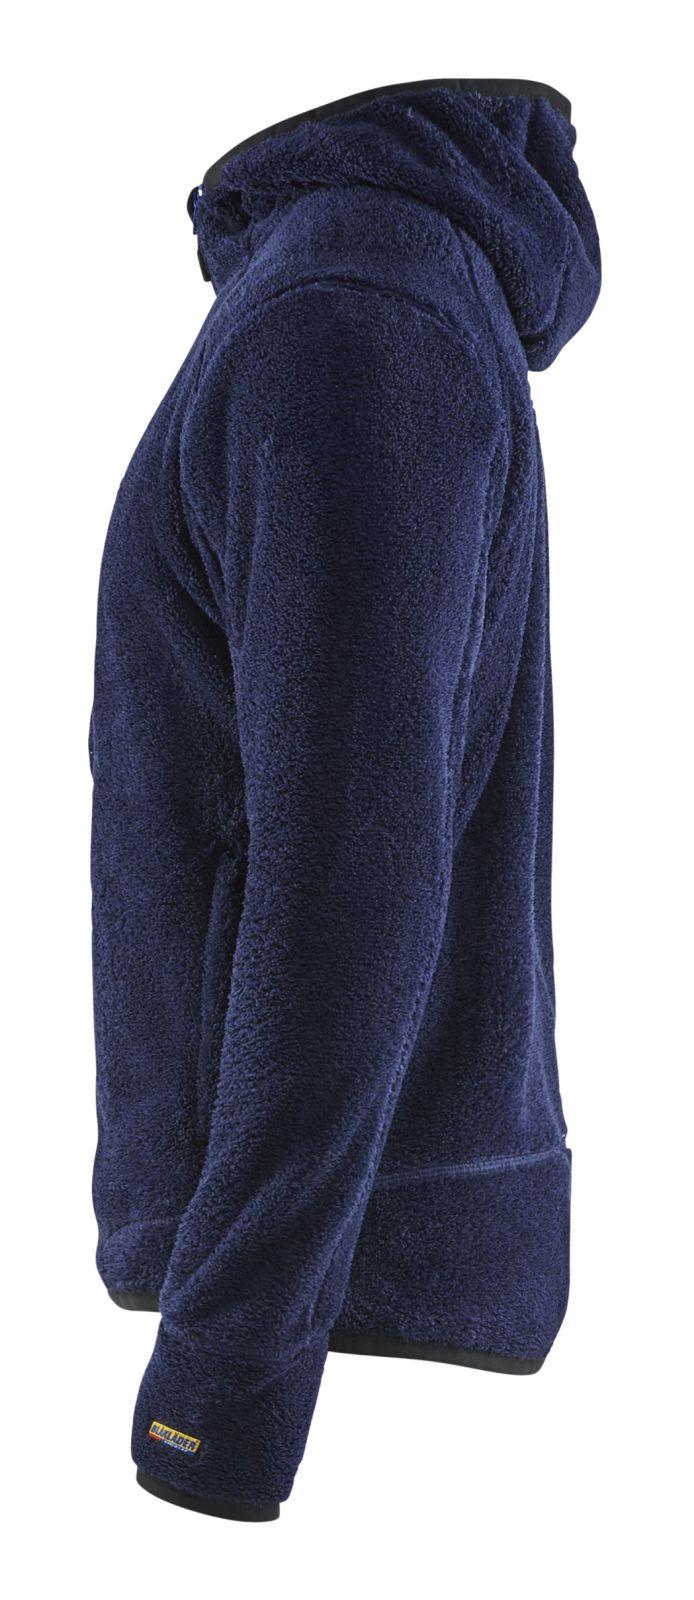 Blaklader Fleece vesten 48632502 marineblauw-korenblauw(8985)